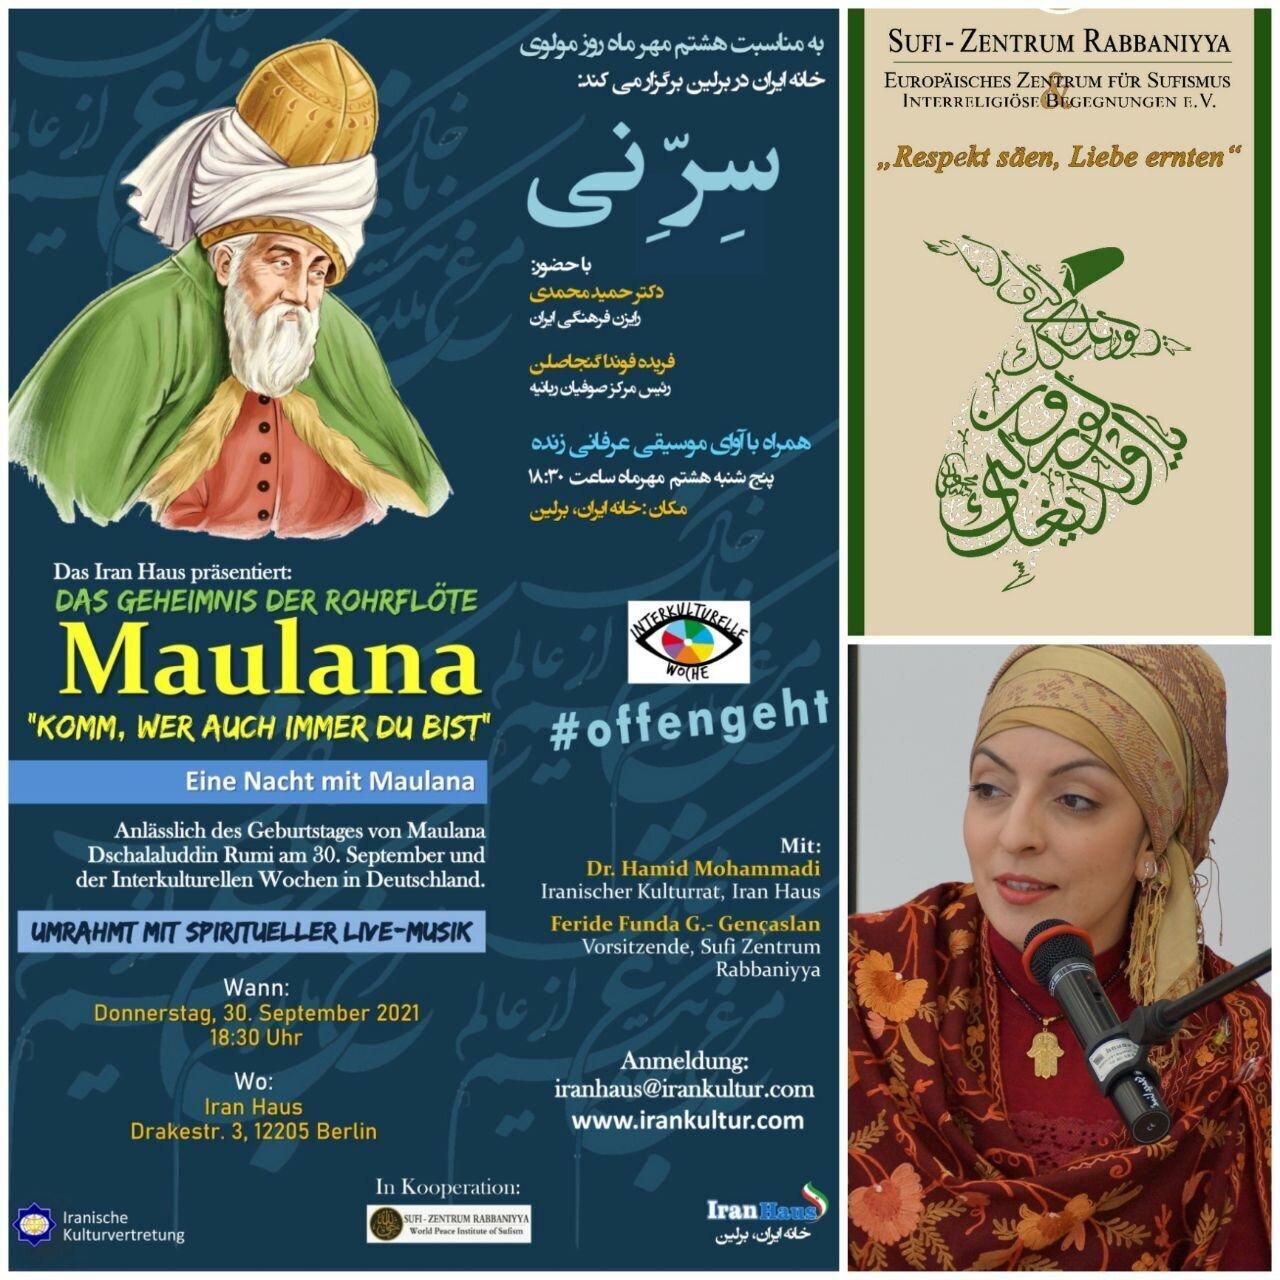 Night with Maulana